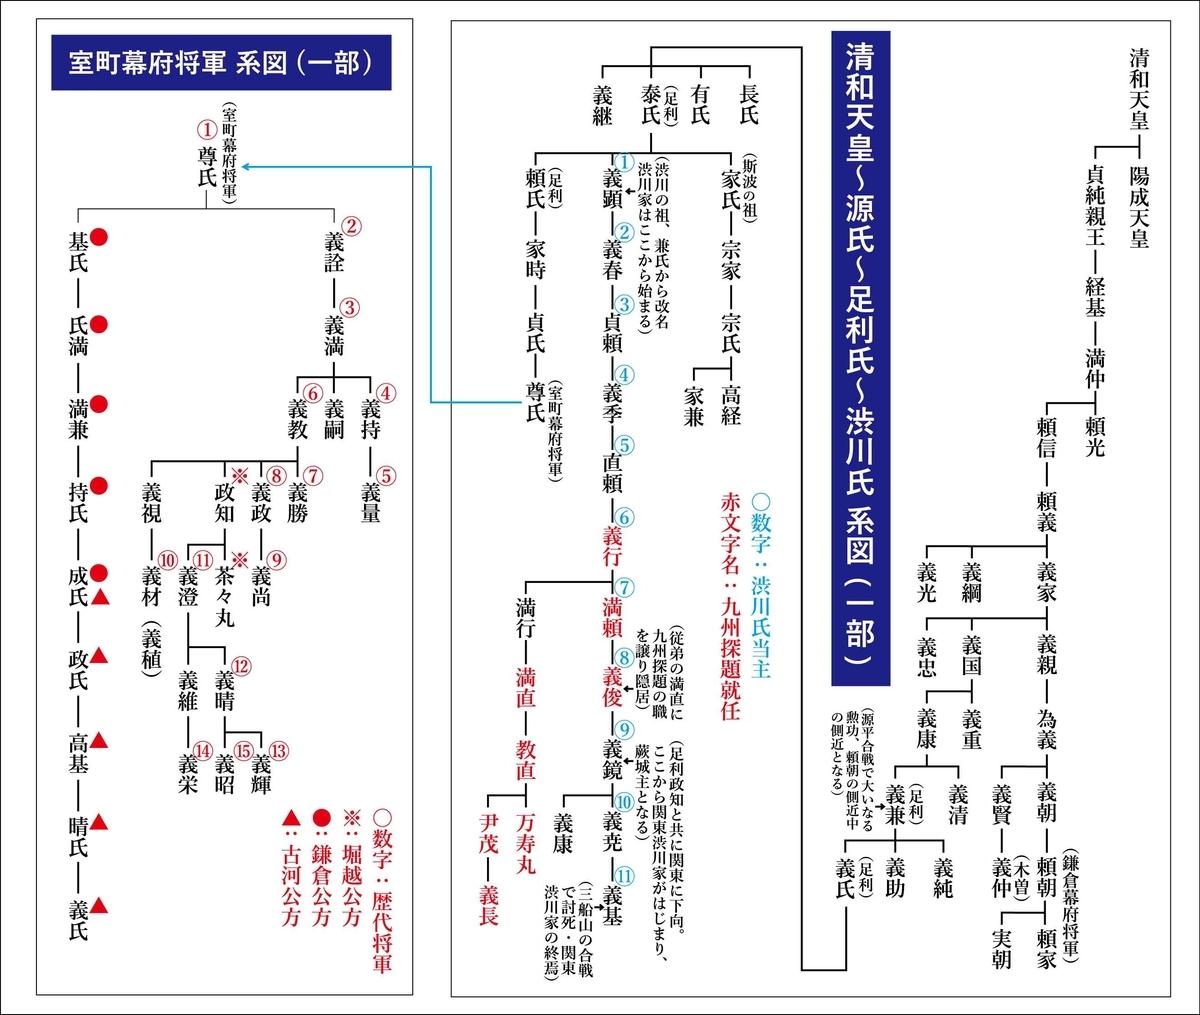 f:id:jiajiawarabi:20210704165425j:plain